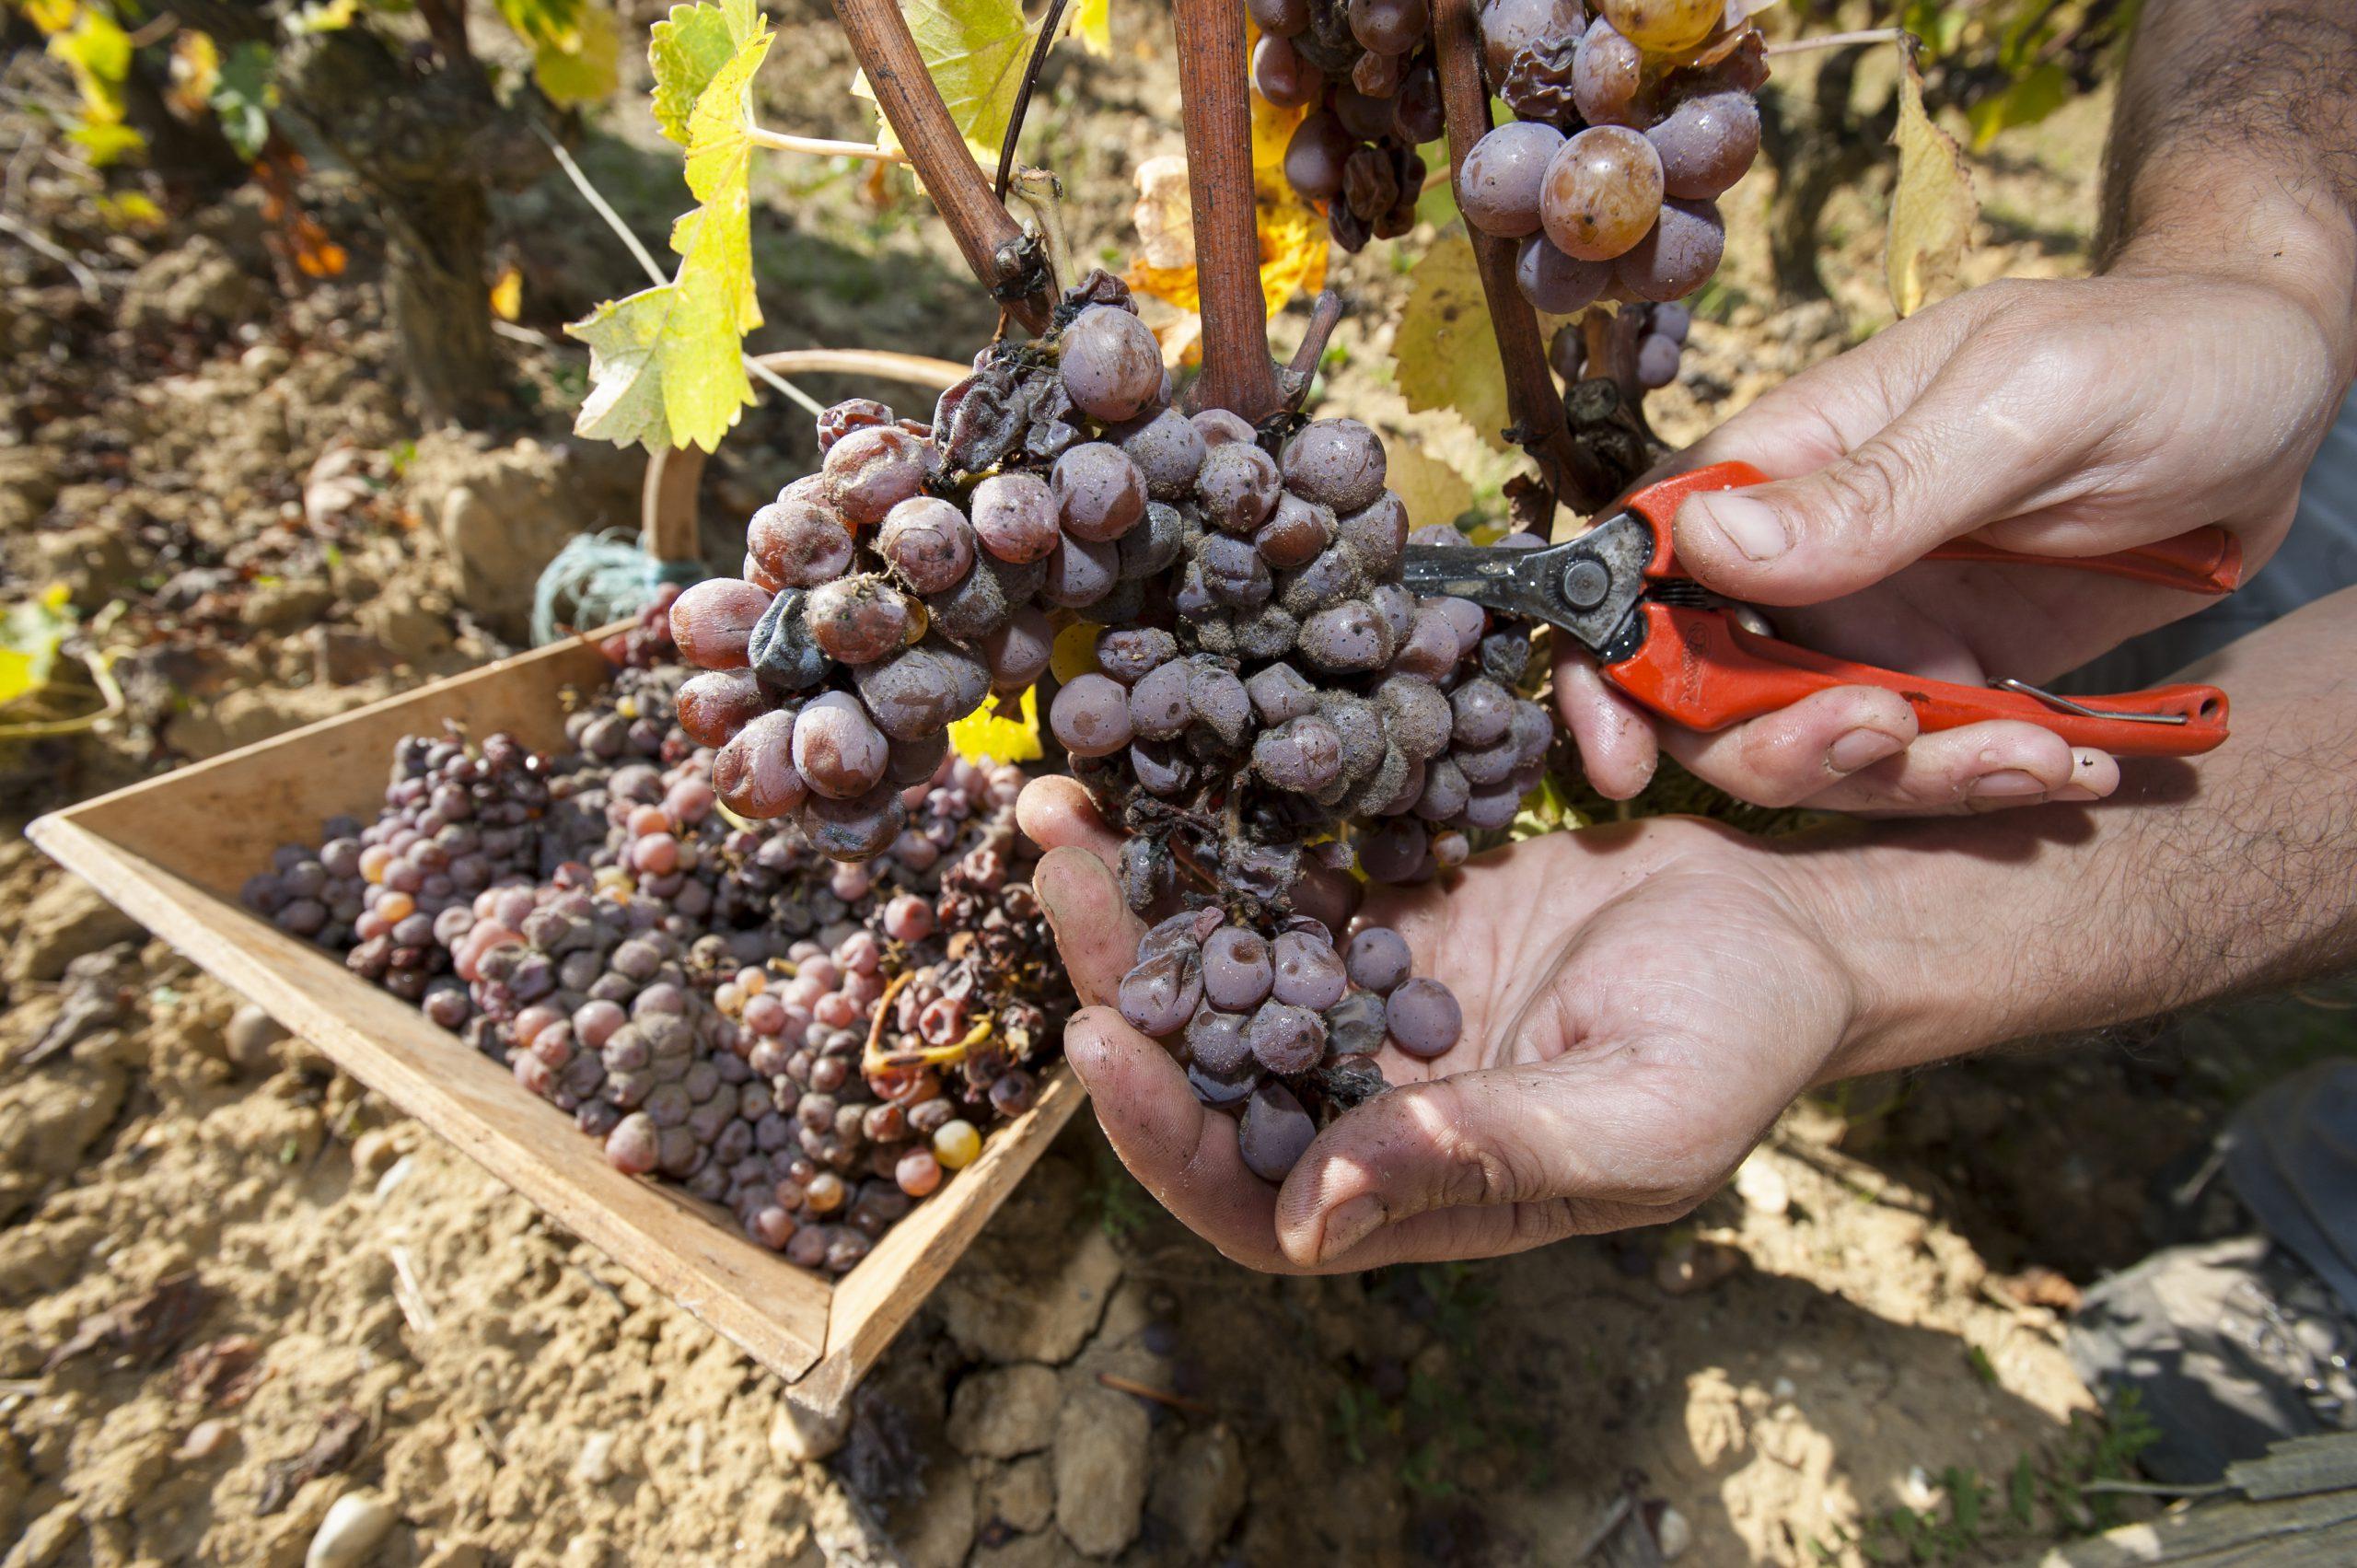 貴腐ワインが最高級ワインと呼ばれる理由は?極上の甘さの秘密もご紹介